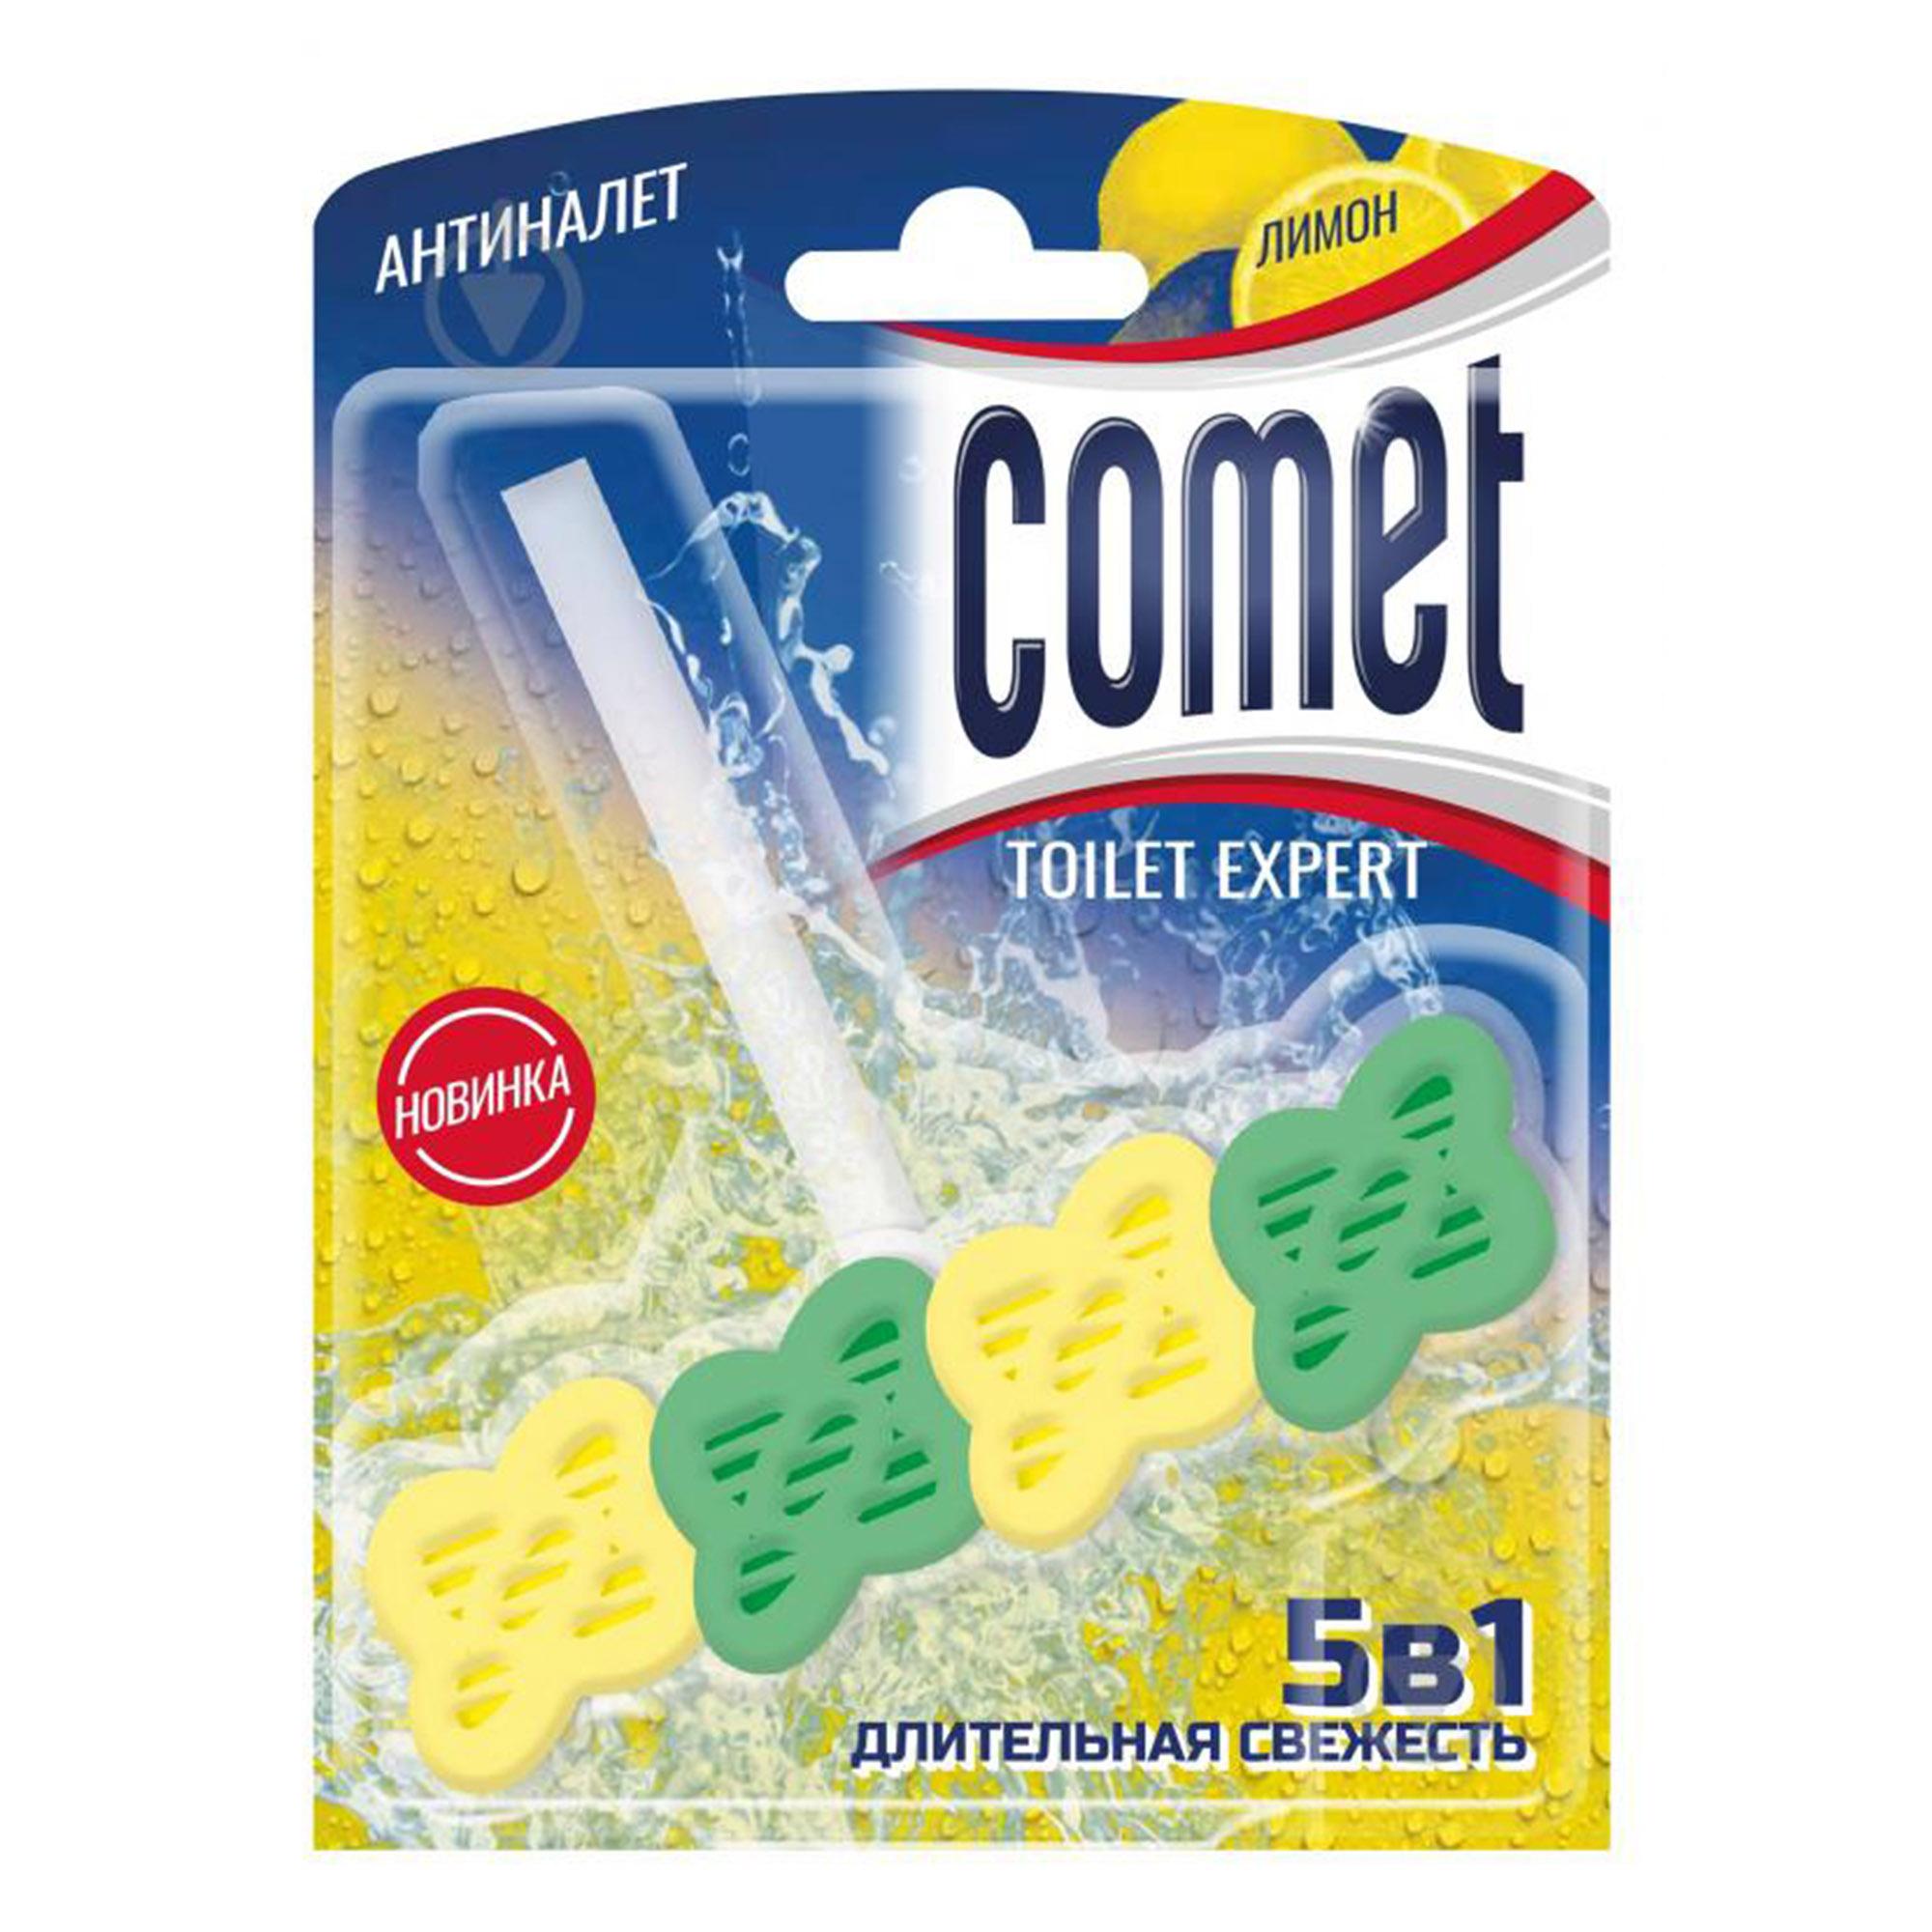 Туалетный блок Comet Лимон 48 г comet туалетный блок toilet expert антиналет лимон 1 шт